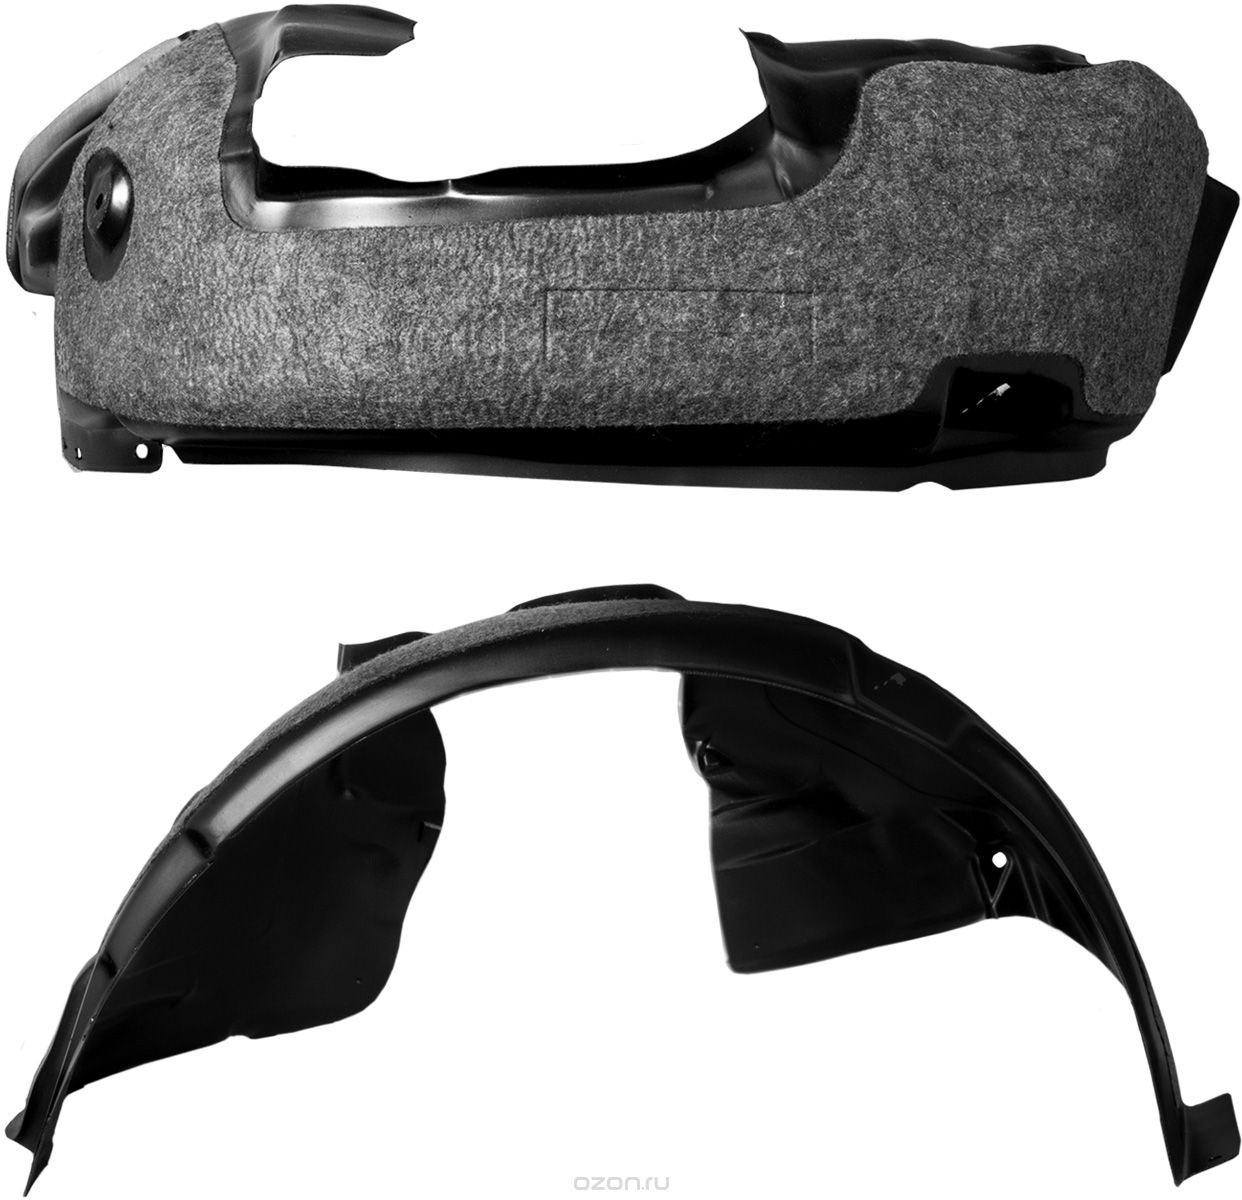 Подкрылок Novline-Autofamily с шумоизоляцией, для Kia Sportage, 2016->, кроссовер, передний левыйNLS.25.44.001Идеальная защита колесной ниши. Локеры разработаны с применением цифровых технологий, гарантируют максимальную повторяемость поверхности арки. Изделия устанавливаются без нарушения лакокрасочного покрытия автомобиля, каждый подкрылок комплектуется крепежом. Уважаемые клиенты, обращаем ваше внимание, что фотографии на подкрылки универсальные и не отражают реальную форму изделия. При этом само изделие идет точно под размер указанного автомобиля.